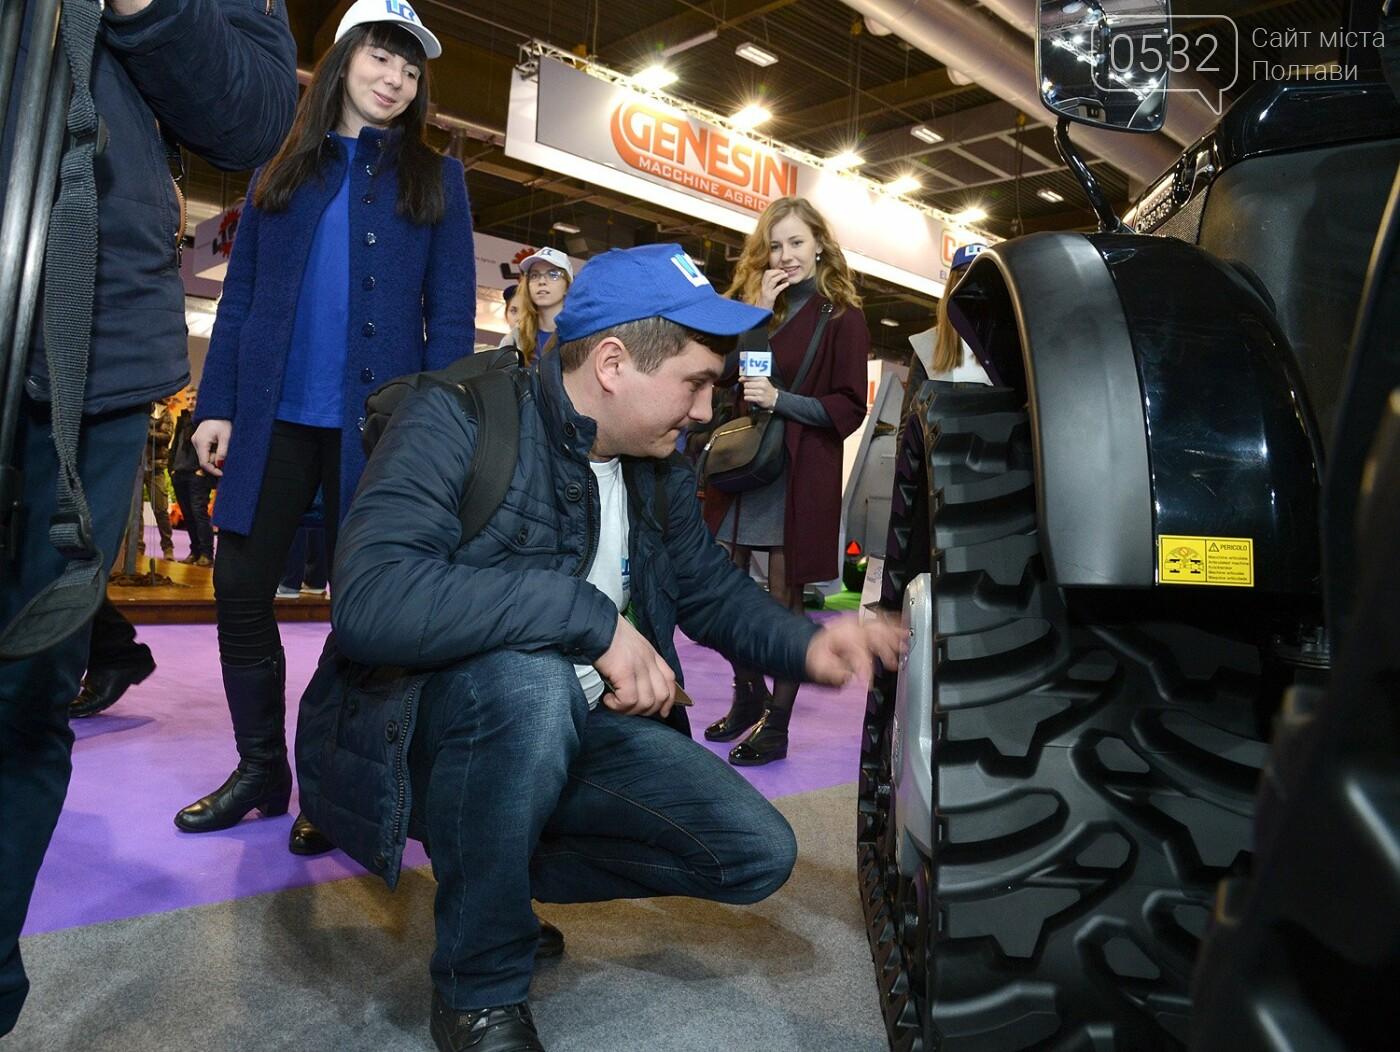 Студенты Полтавской государственной аграрной академии посетили Италию, фото-2